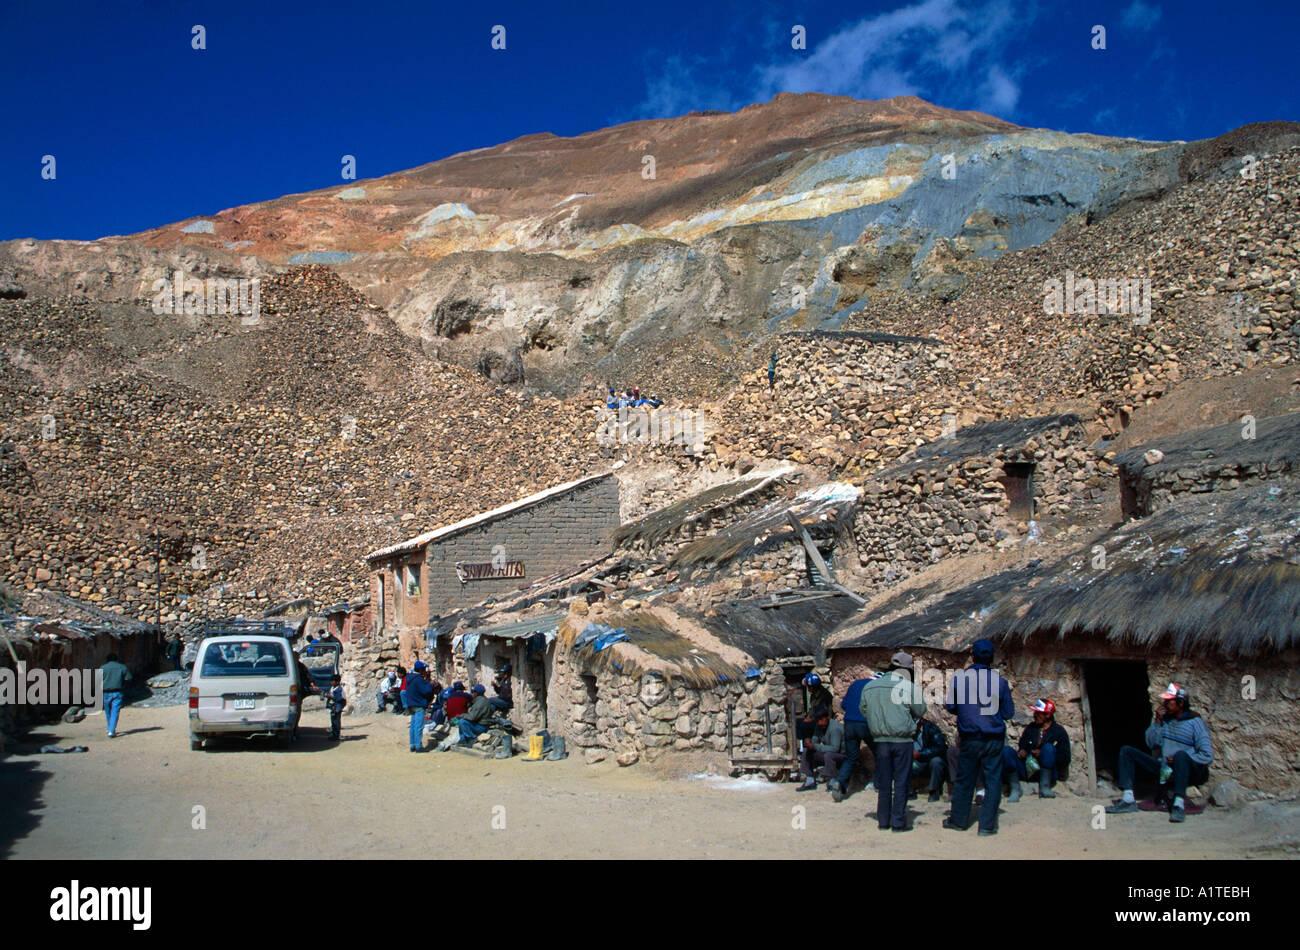 tin mine of santa rita town of potosi mount cerro rico bolivia - Stock Image